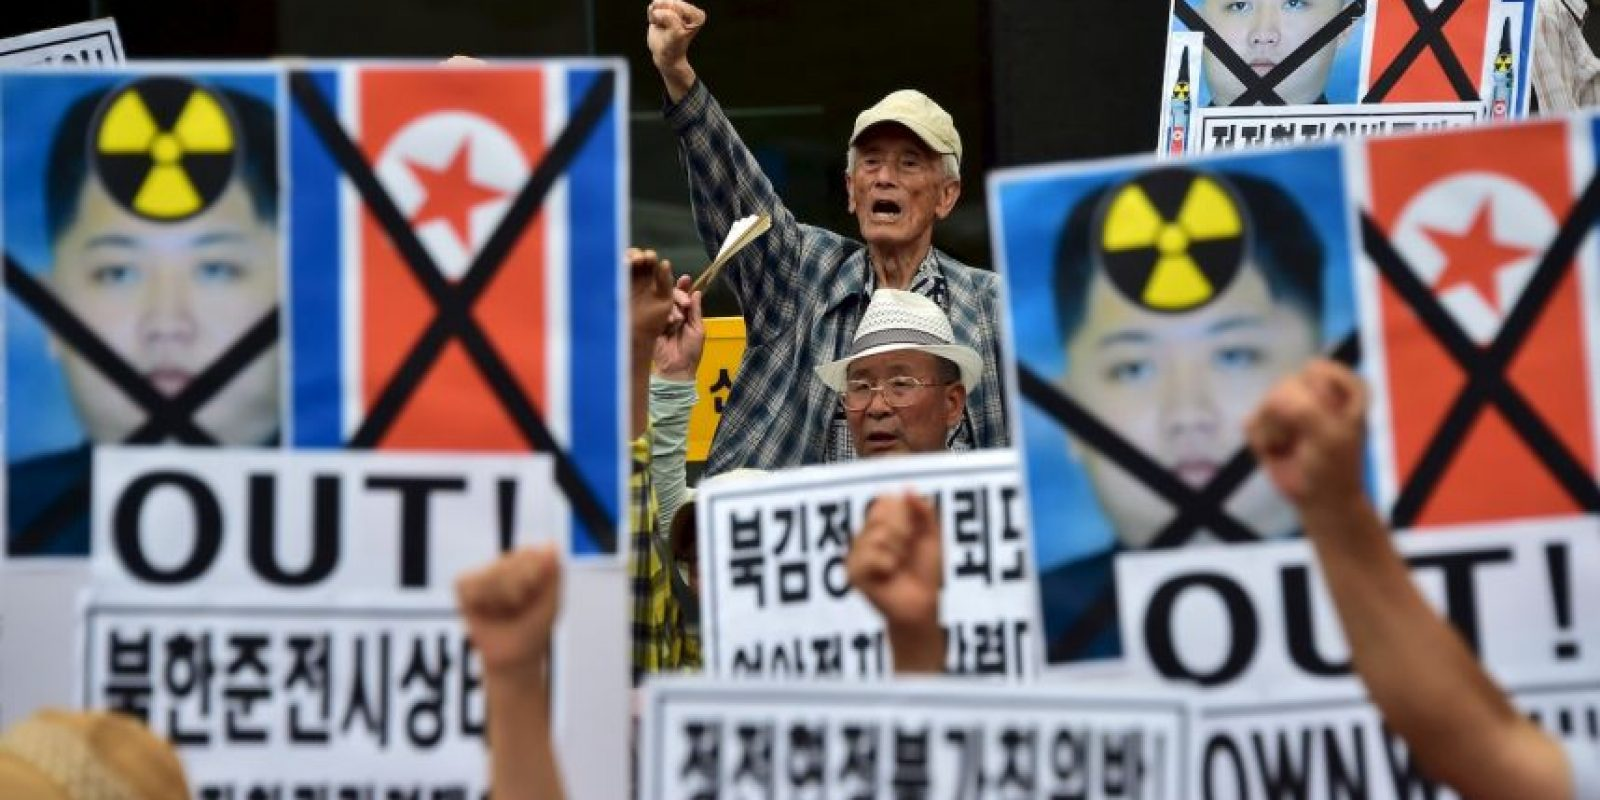 Se le acusa de hacer experimentos con armas nucleares, a pesar de que lo tiene prohibido por la comunidad internacional Foto:AFP